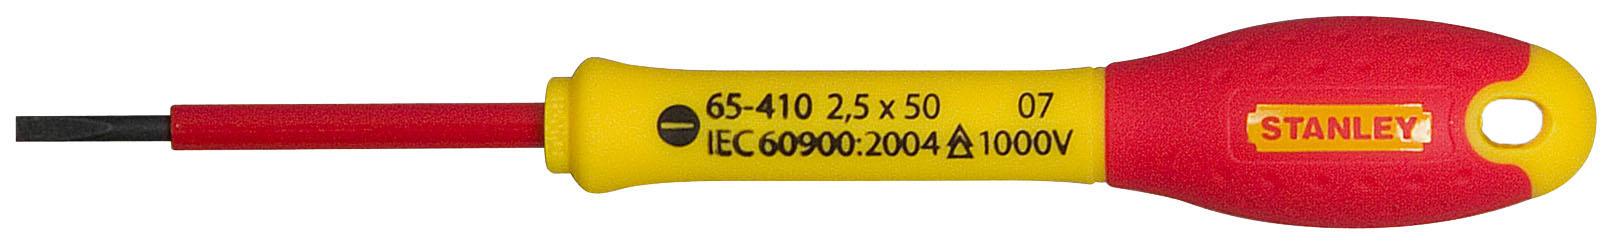 Отвертка Stanley FatMax SL 2.5х50 мм. 1000V.